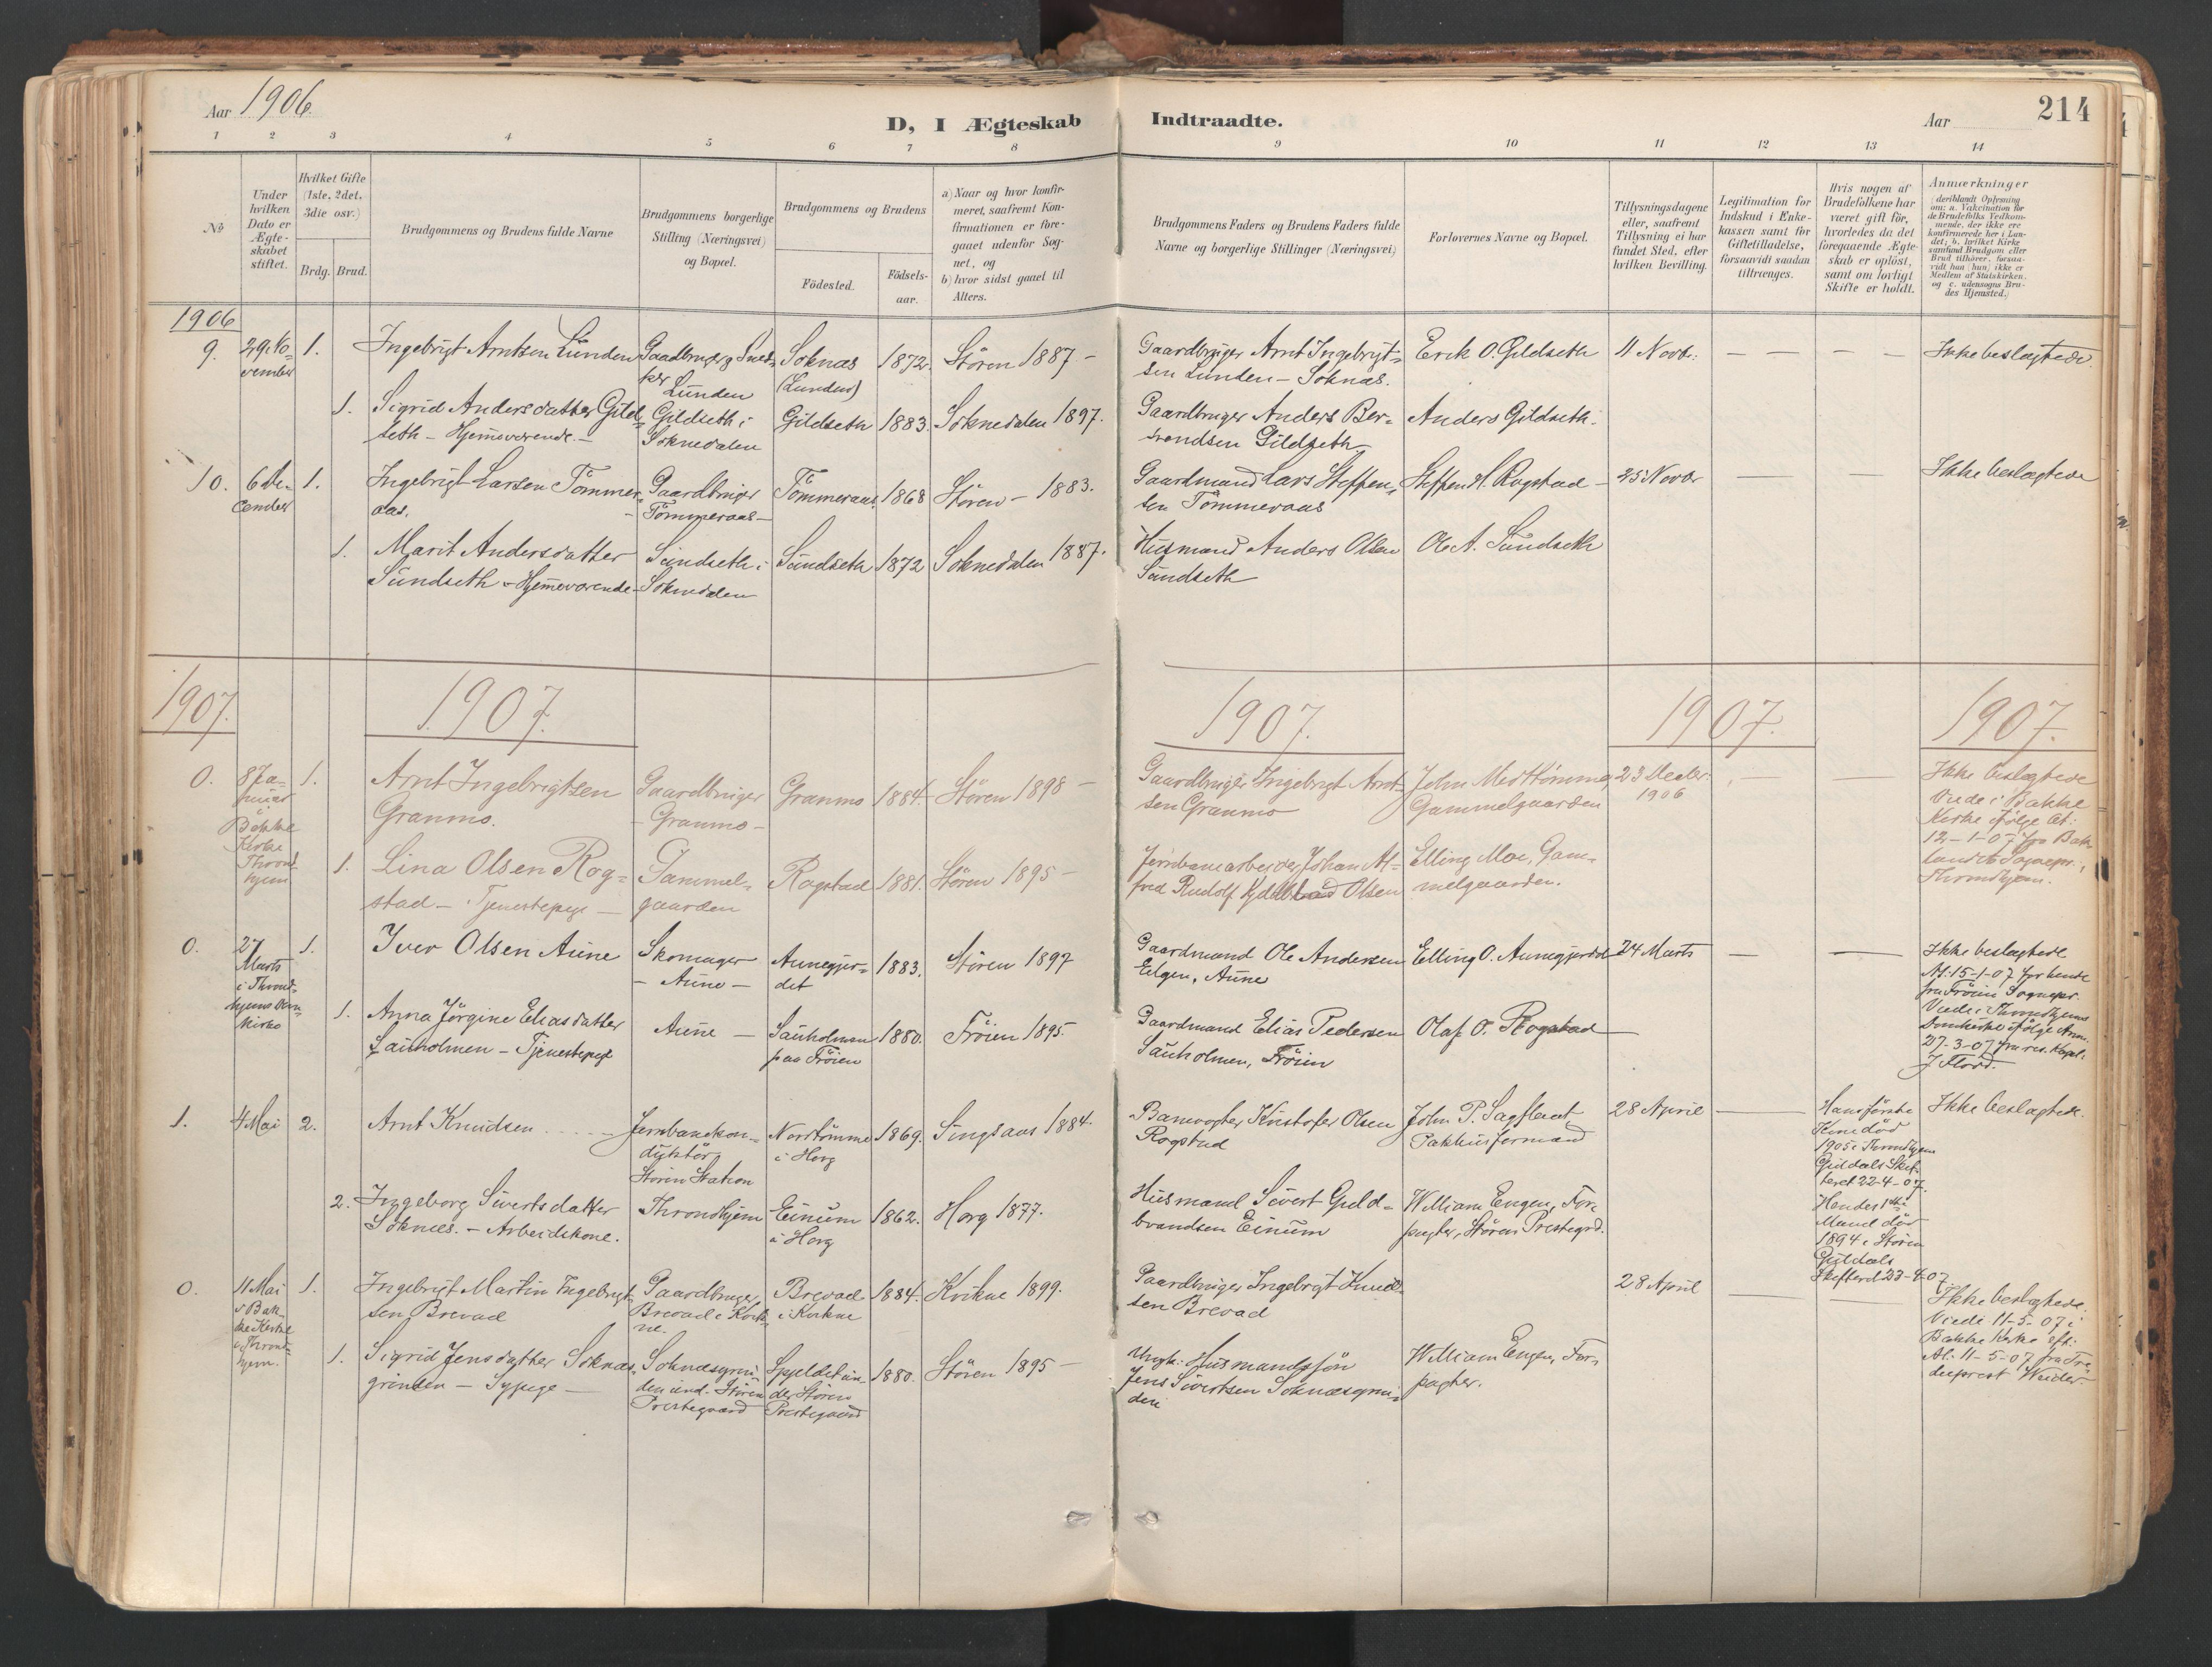 SAT, Ministerialprotokoller, klokkerbøker og fødselsregistre - Sør-Trøndelag, 687/L1004: Ministerialbok nr. 687A10, 1891-1923, s. 214